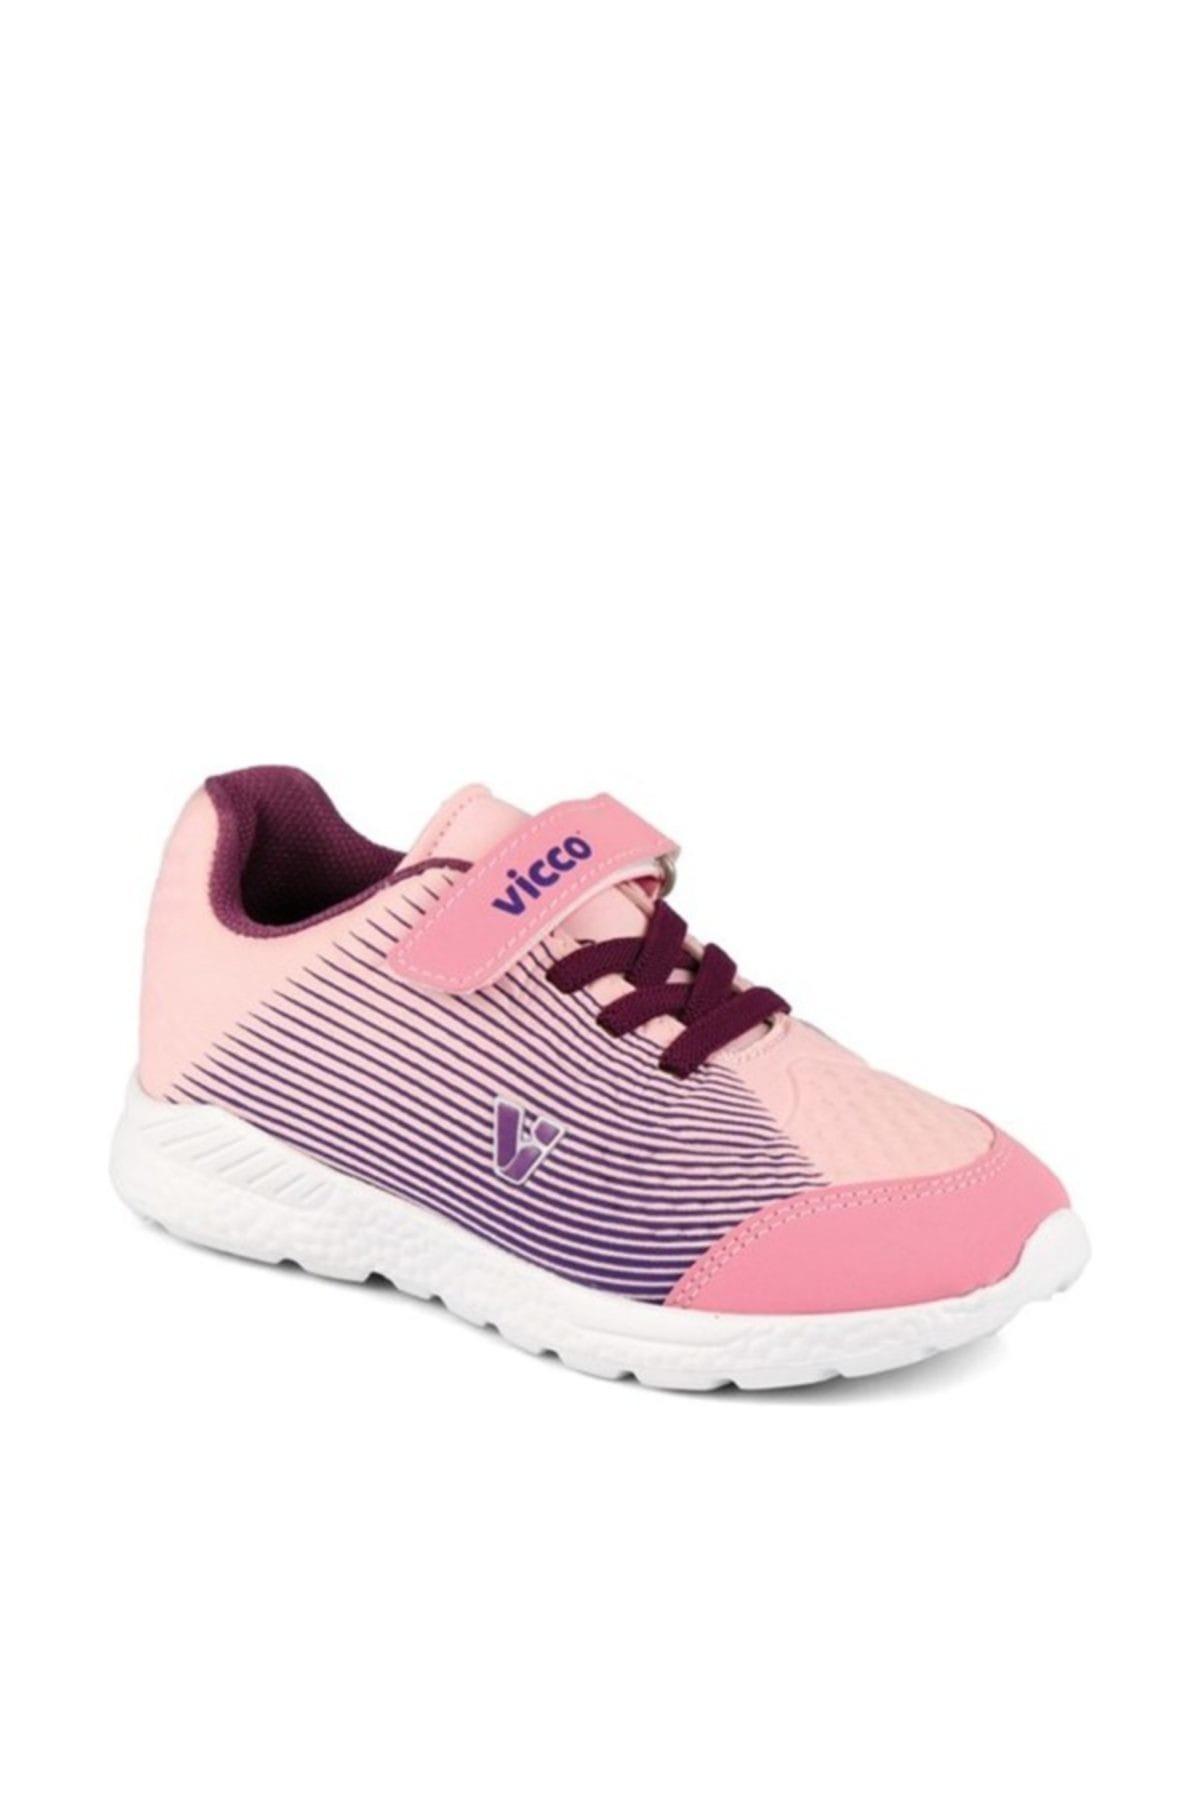 Vicco Pembe Mor Bağcıklı Spor Ayakkabı 1